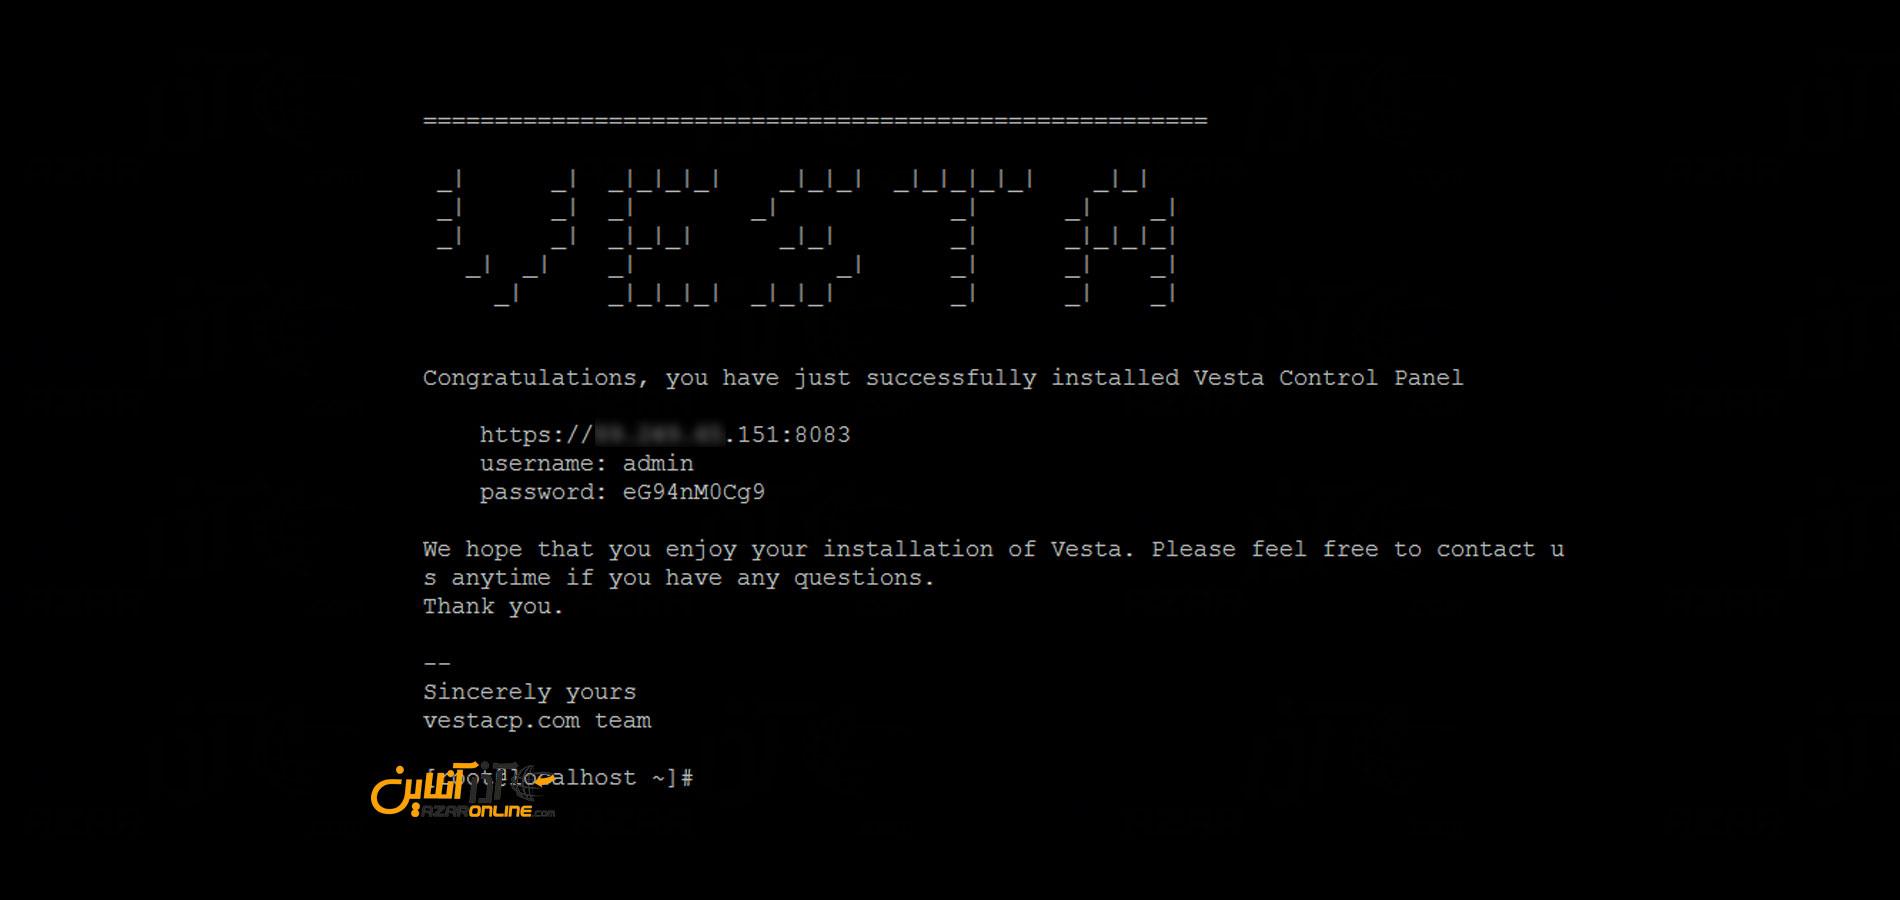 آموزش نصب کنترل پنل VestaCP در CentOS